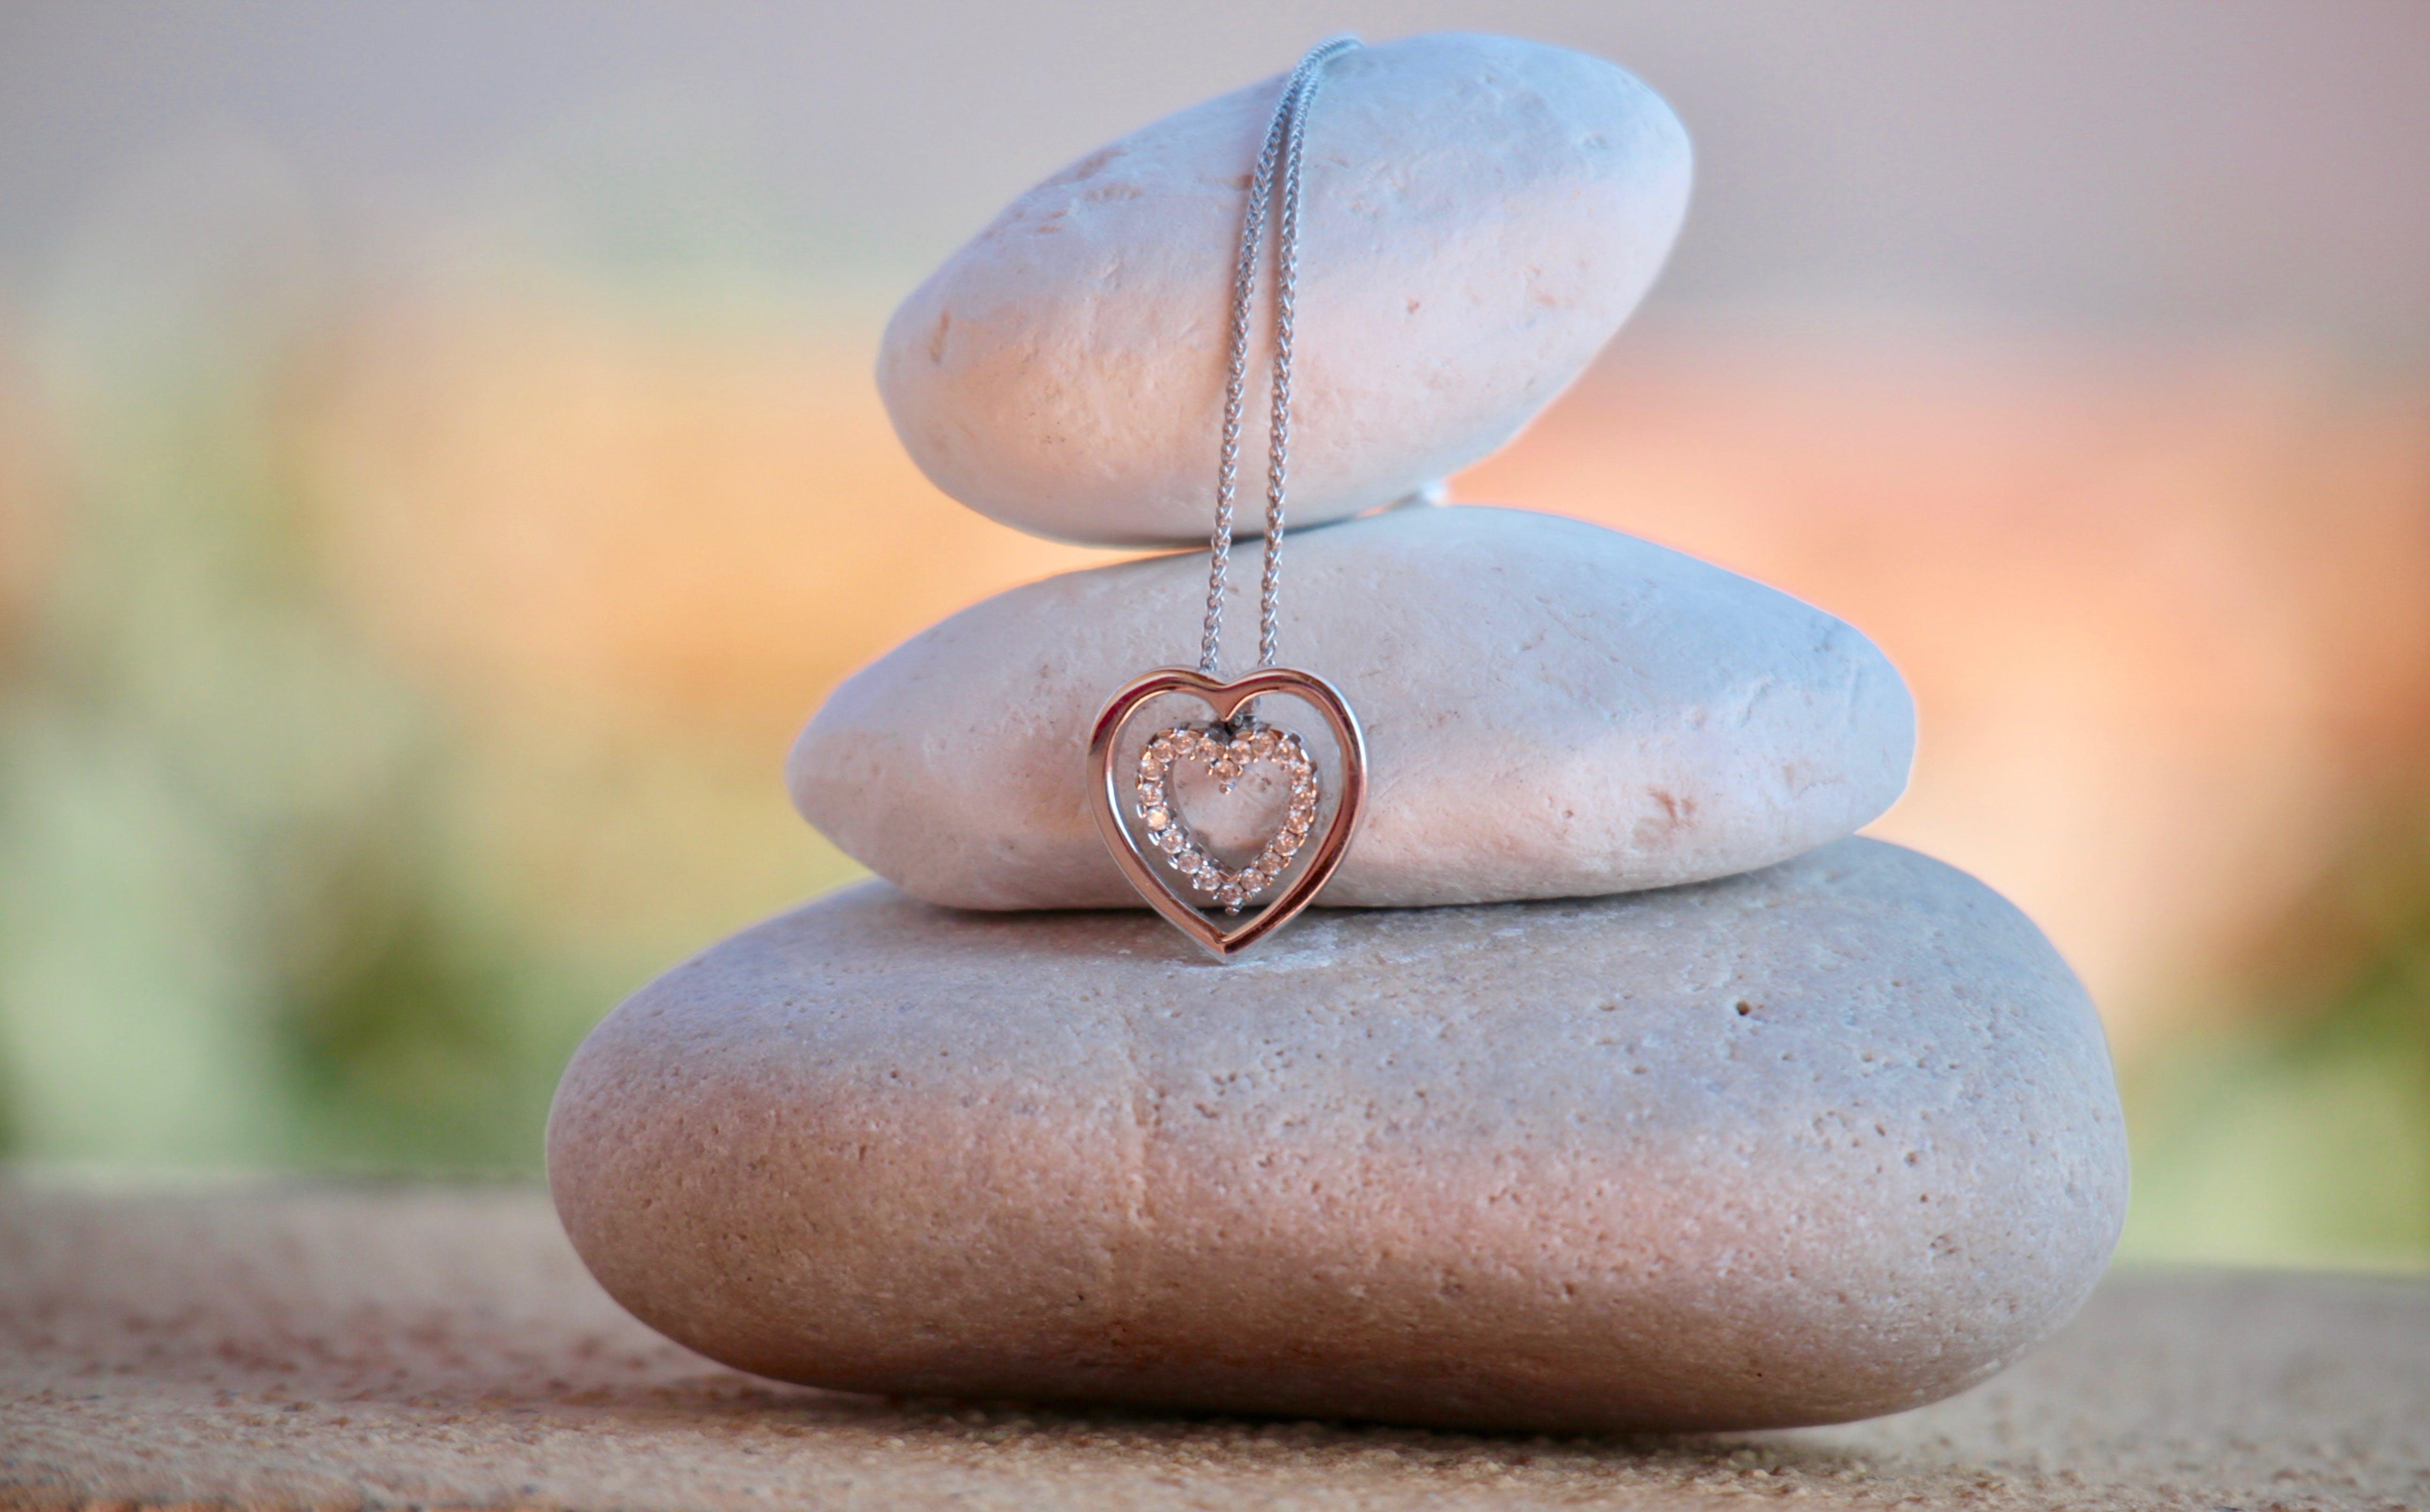 аксессуар, баланс, бриллианты